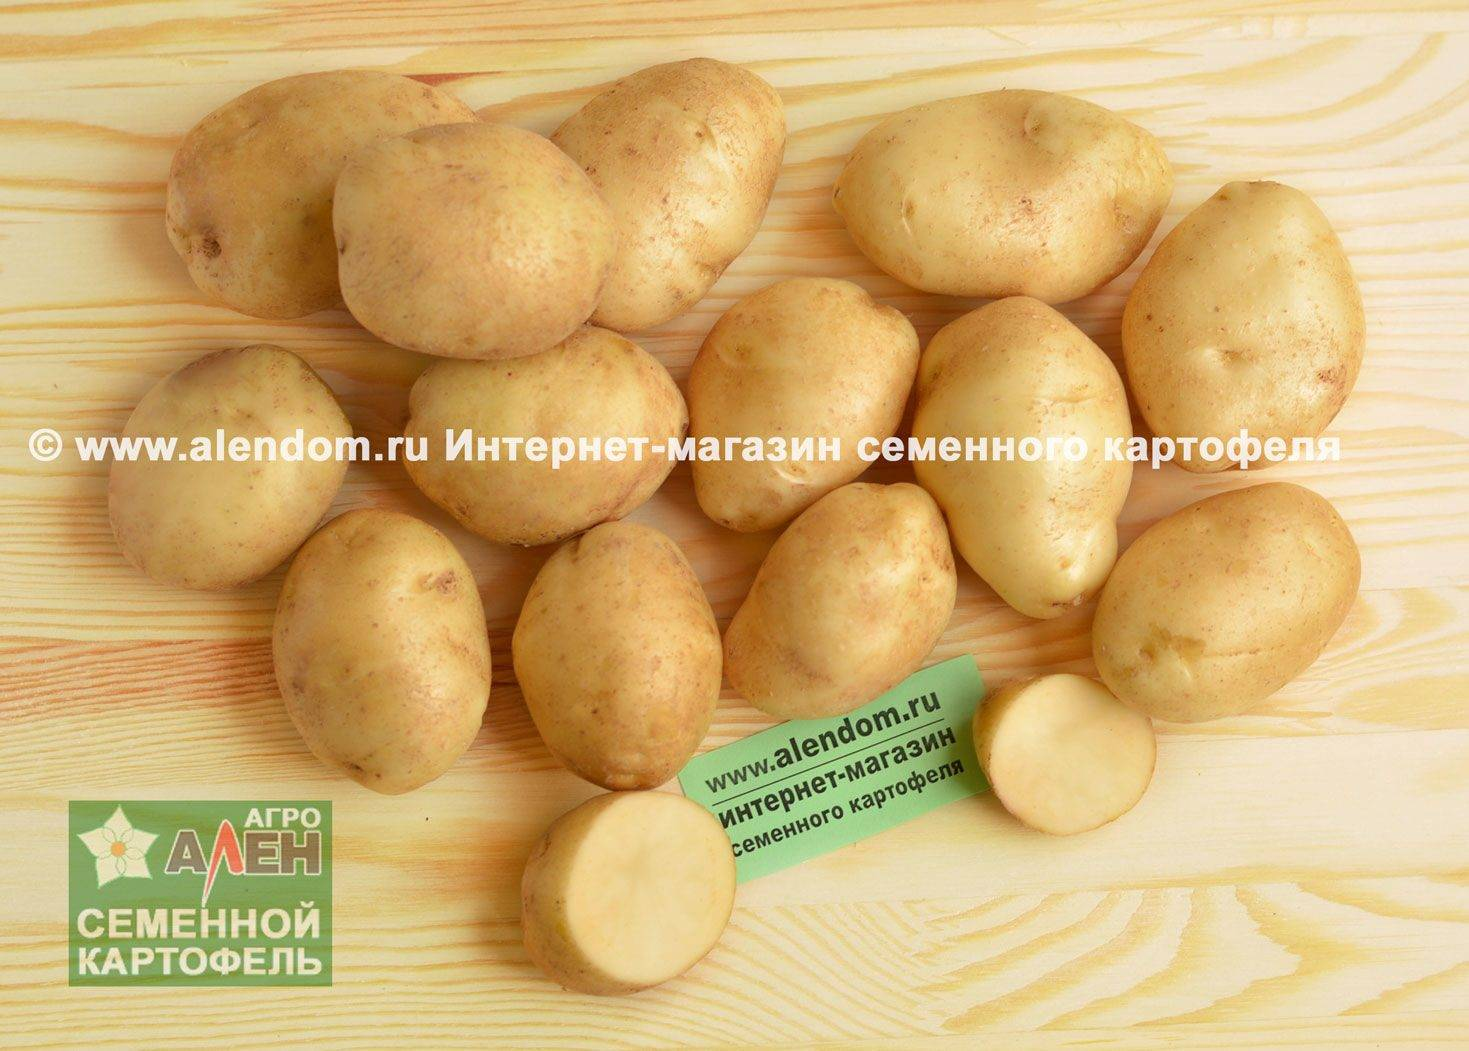 Сорт картофеля «удача»: характеристика, описание, урожайность, отзывы и фото